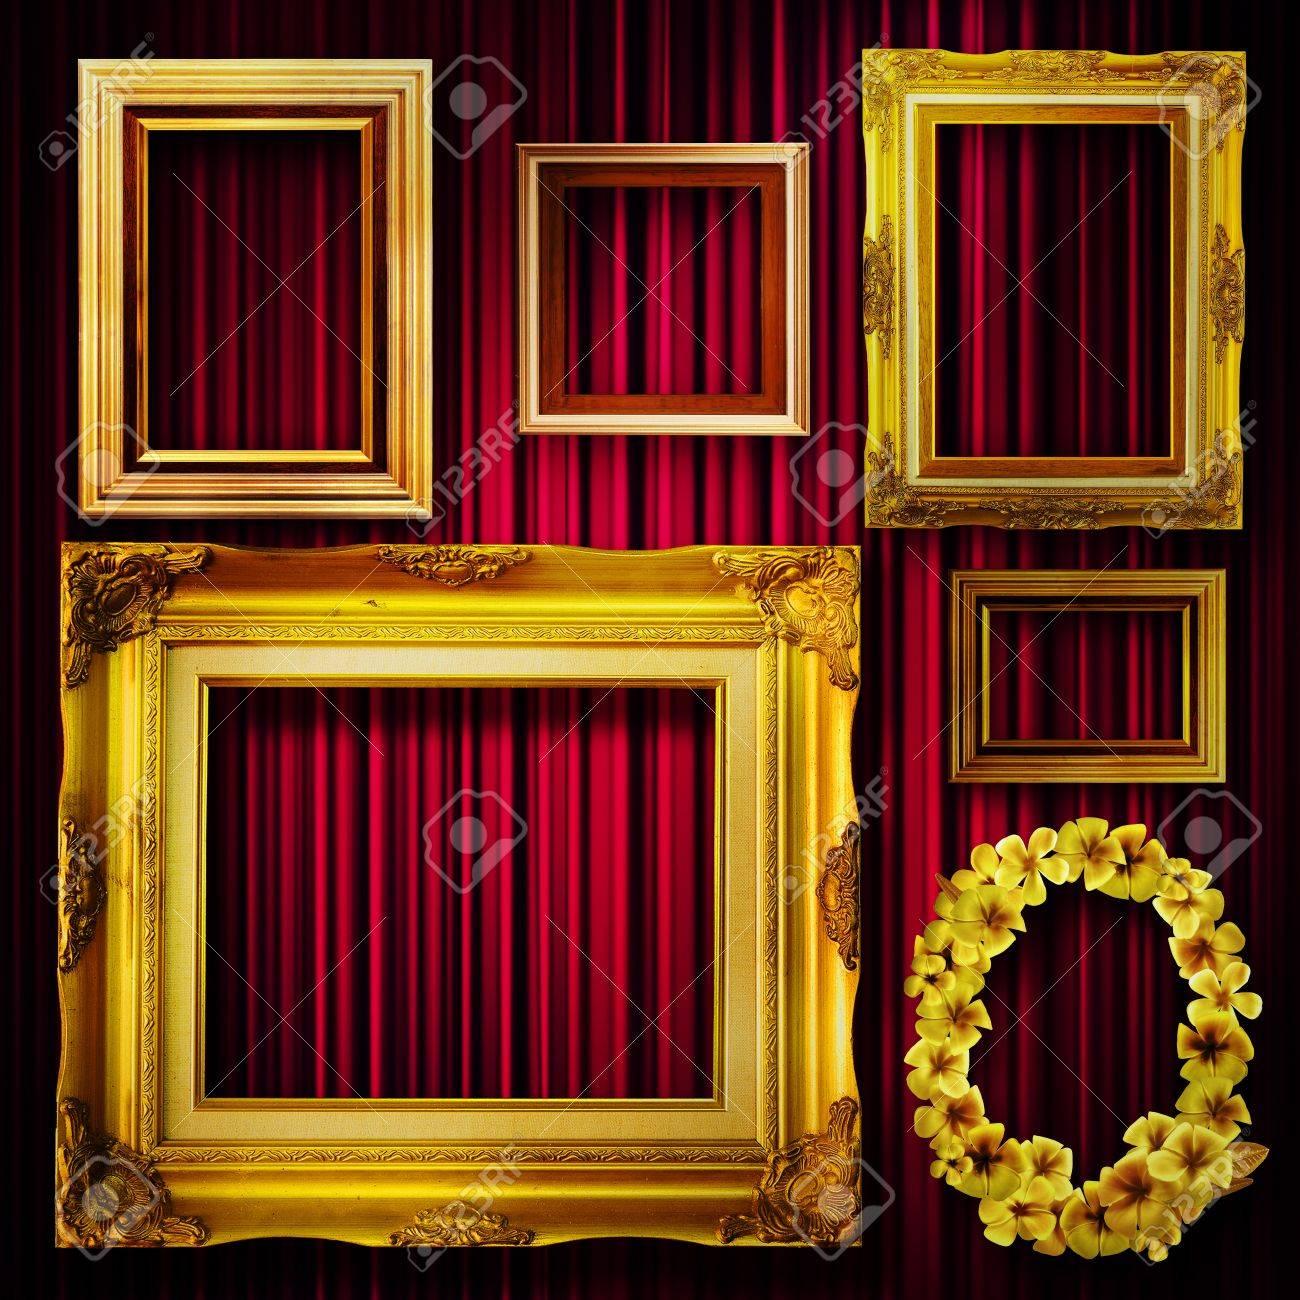 Galería De Pantalla - Marcos De época De Oro En Fondo Rojo De La ...